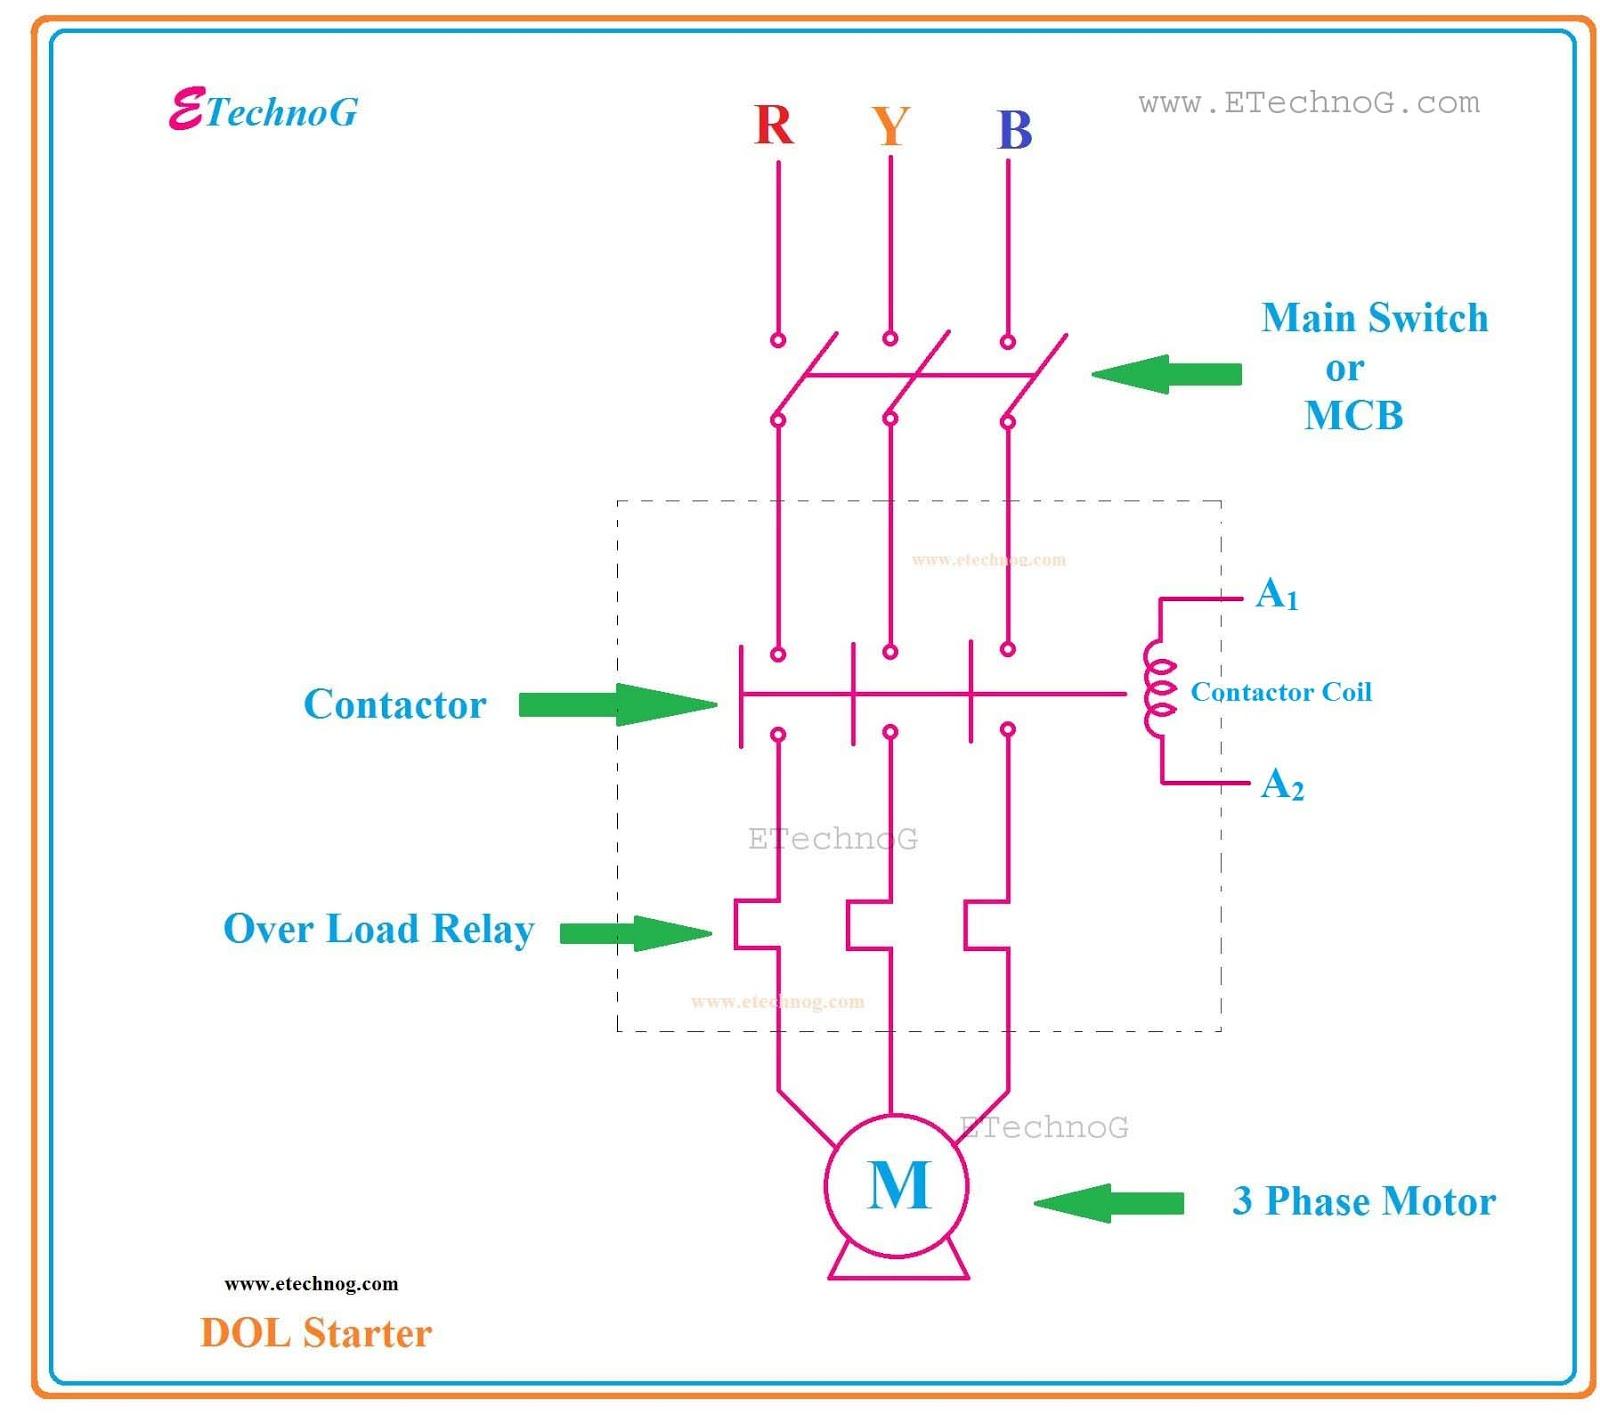 Direct Online Starter[DOL Starter] Diagram Full Explained